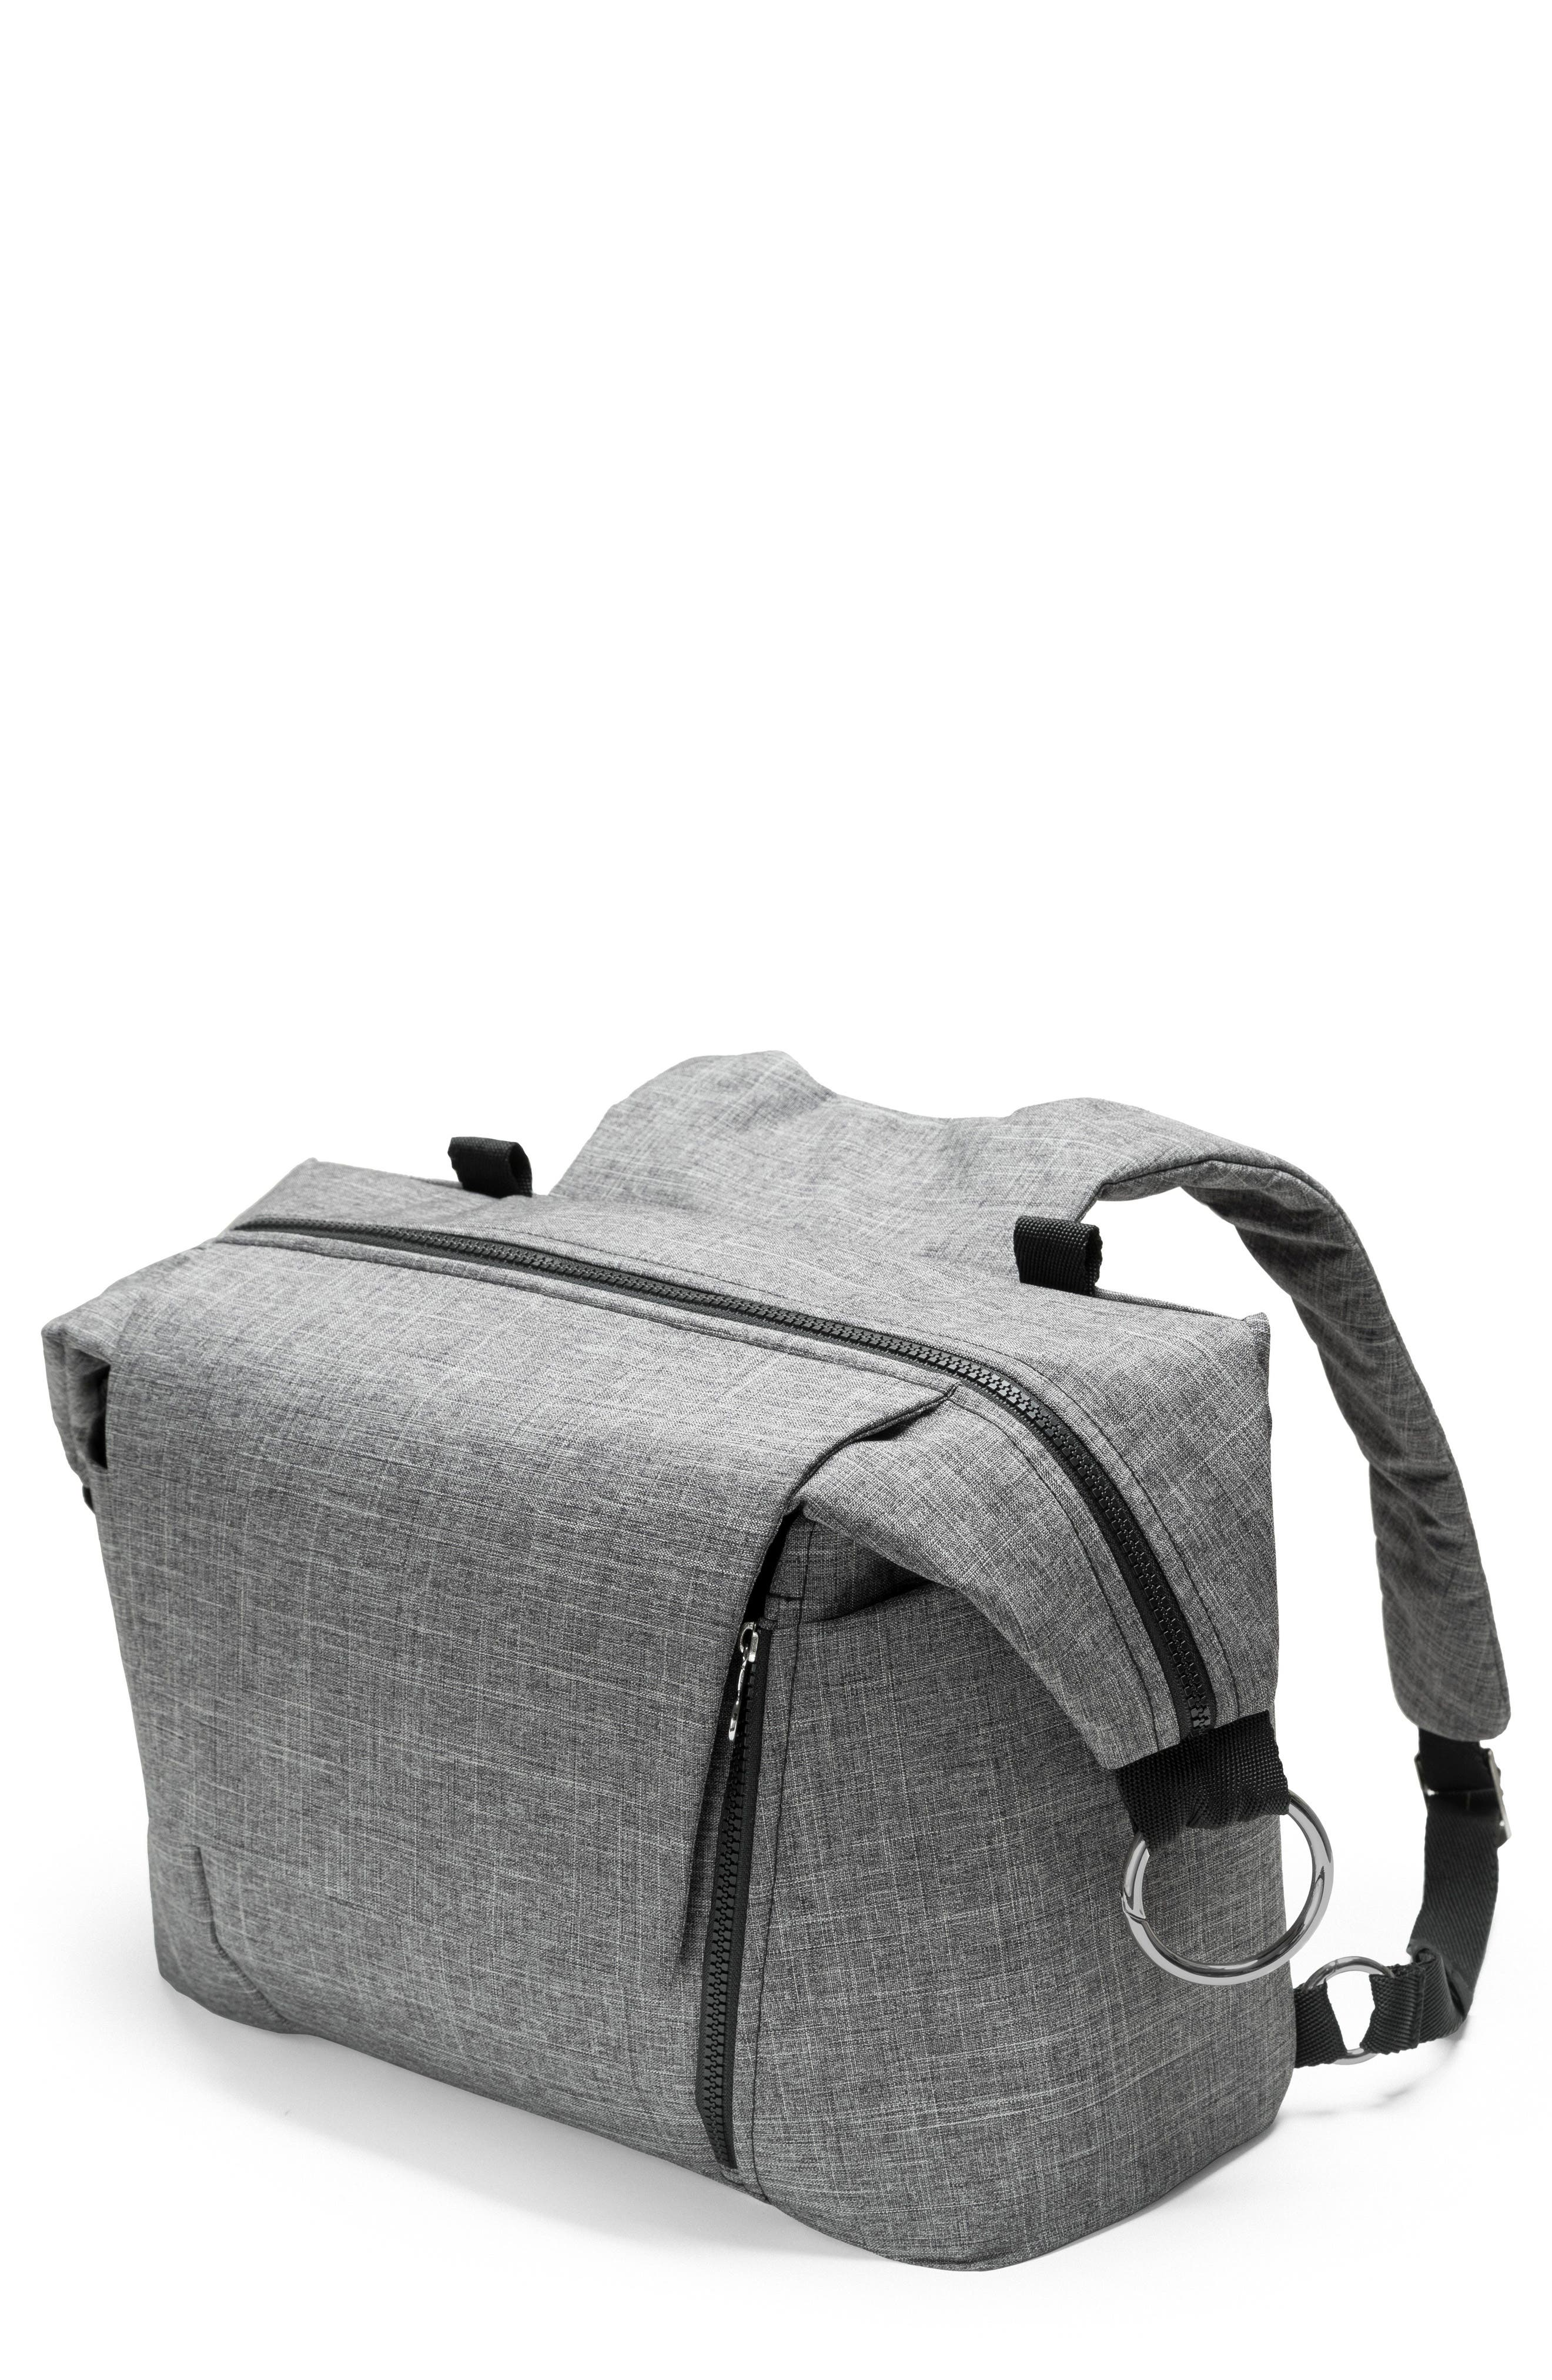 Alternate Image 1 Selected - Stokke Changing Diaper Bag